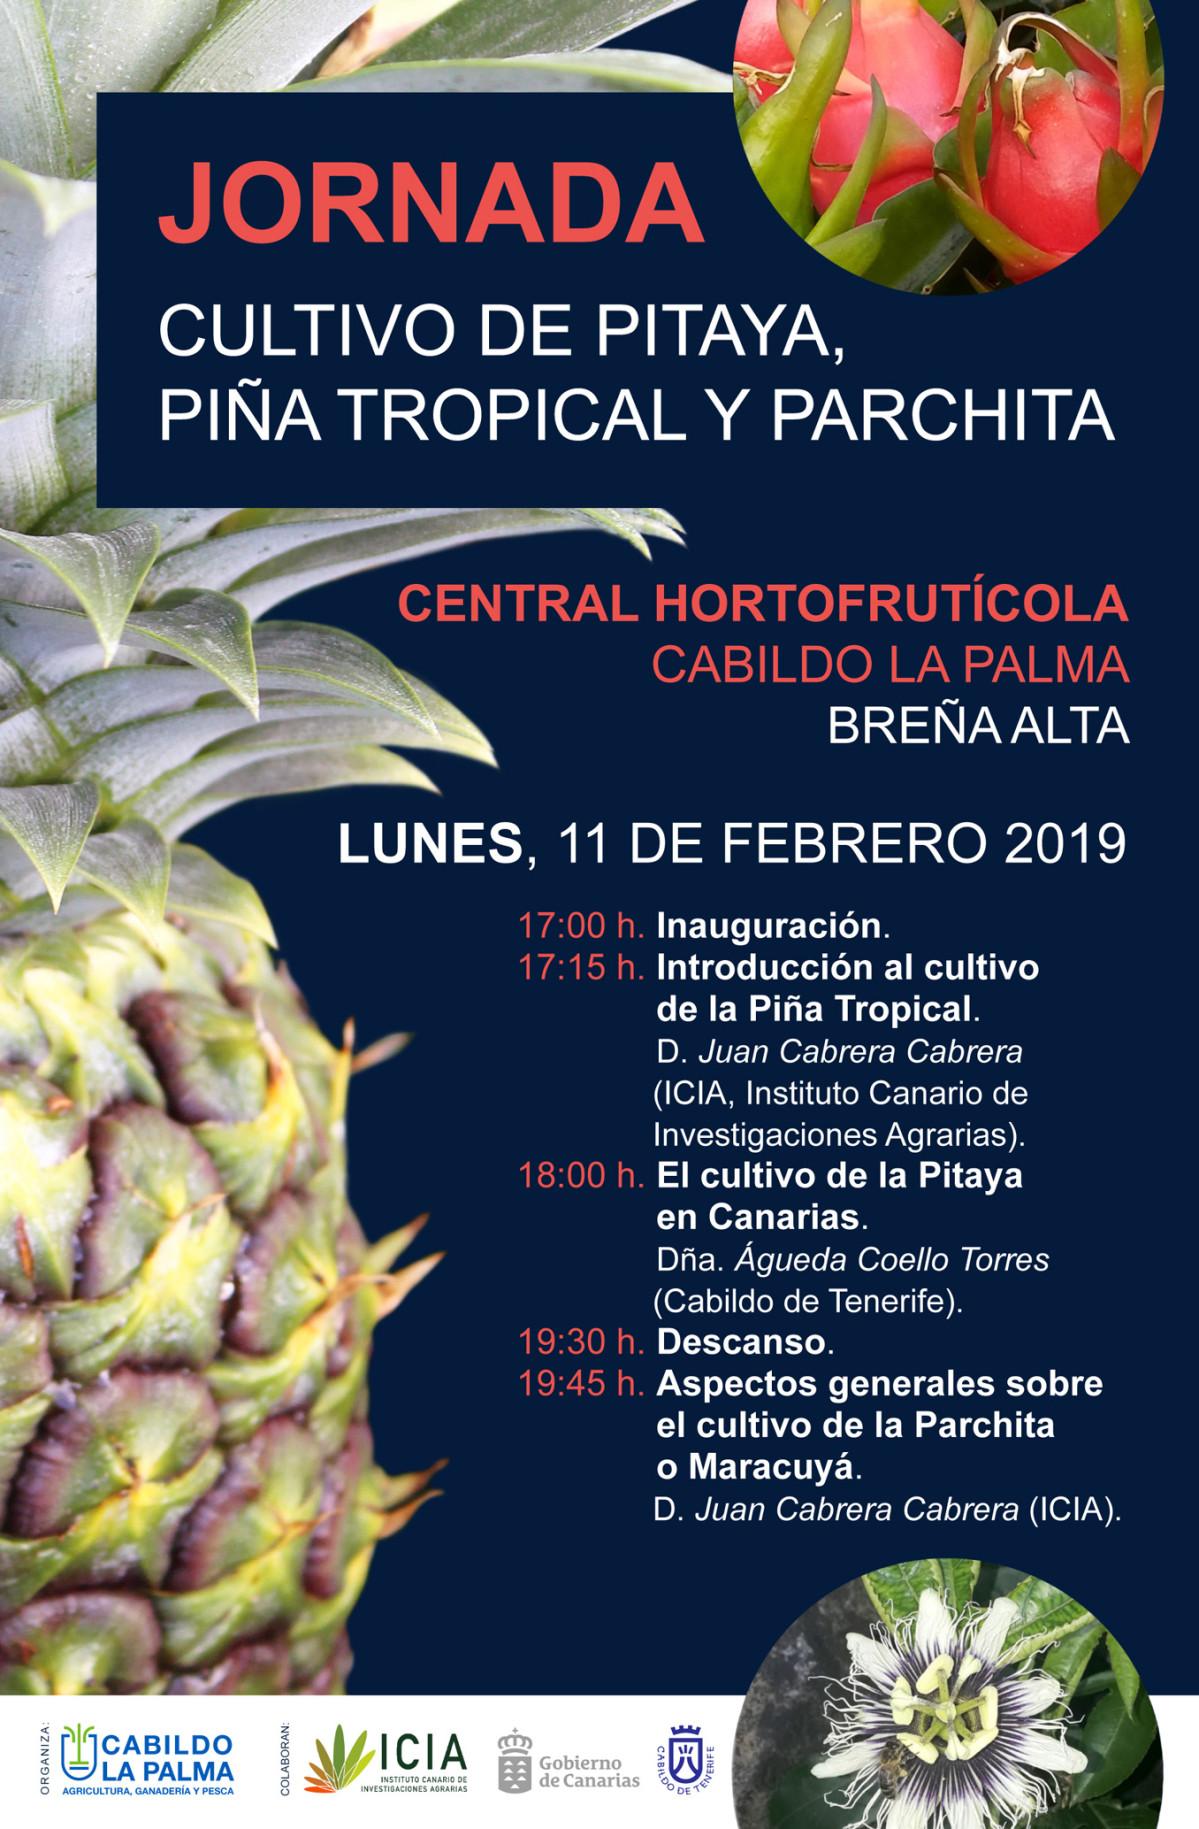 Cartel Cultivo Pitaya Piu00f1a Tropical y Parchita Maracuyu00e1